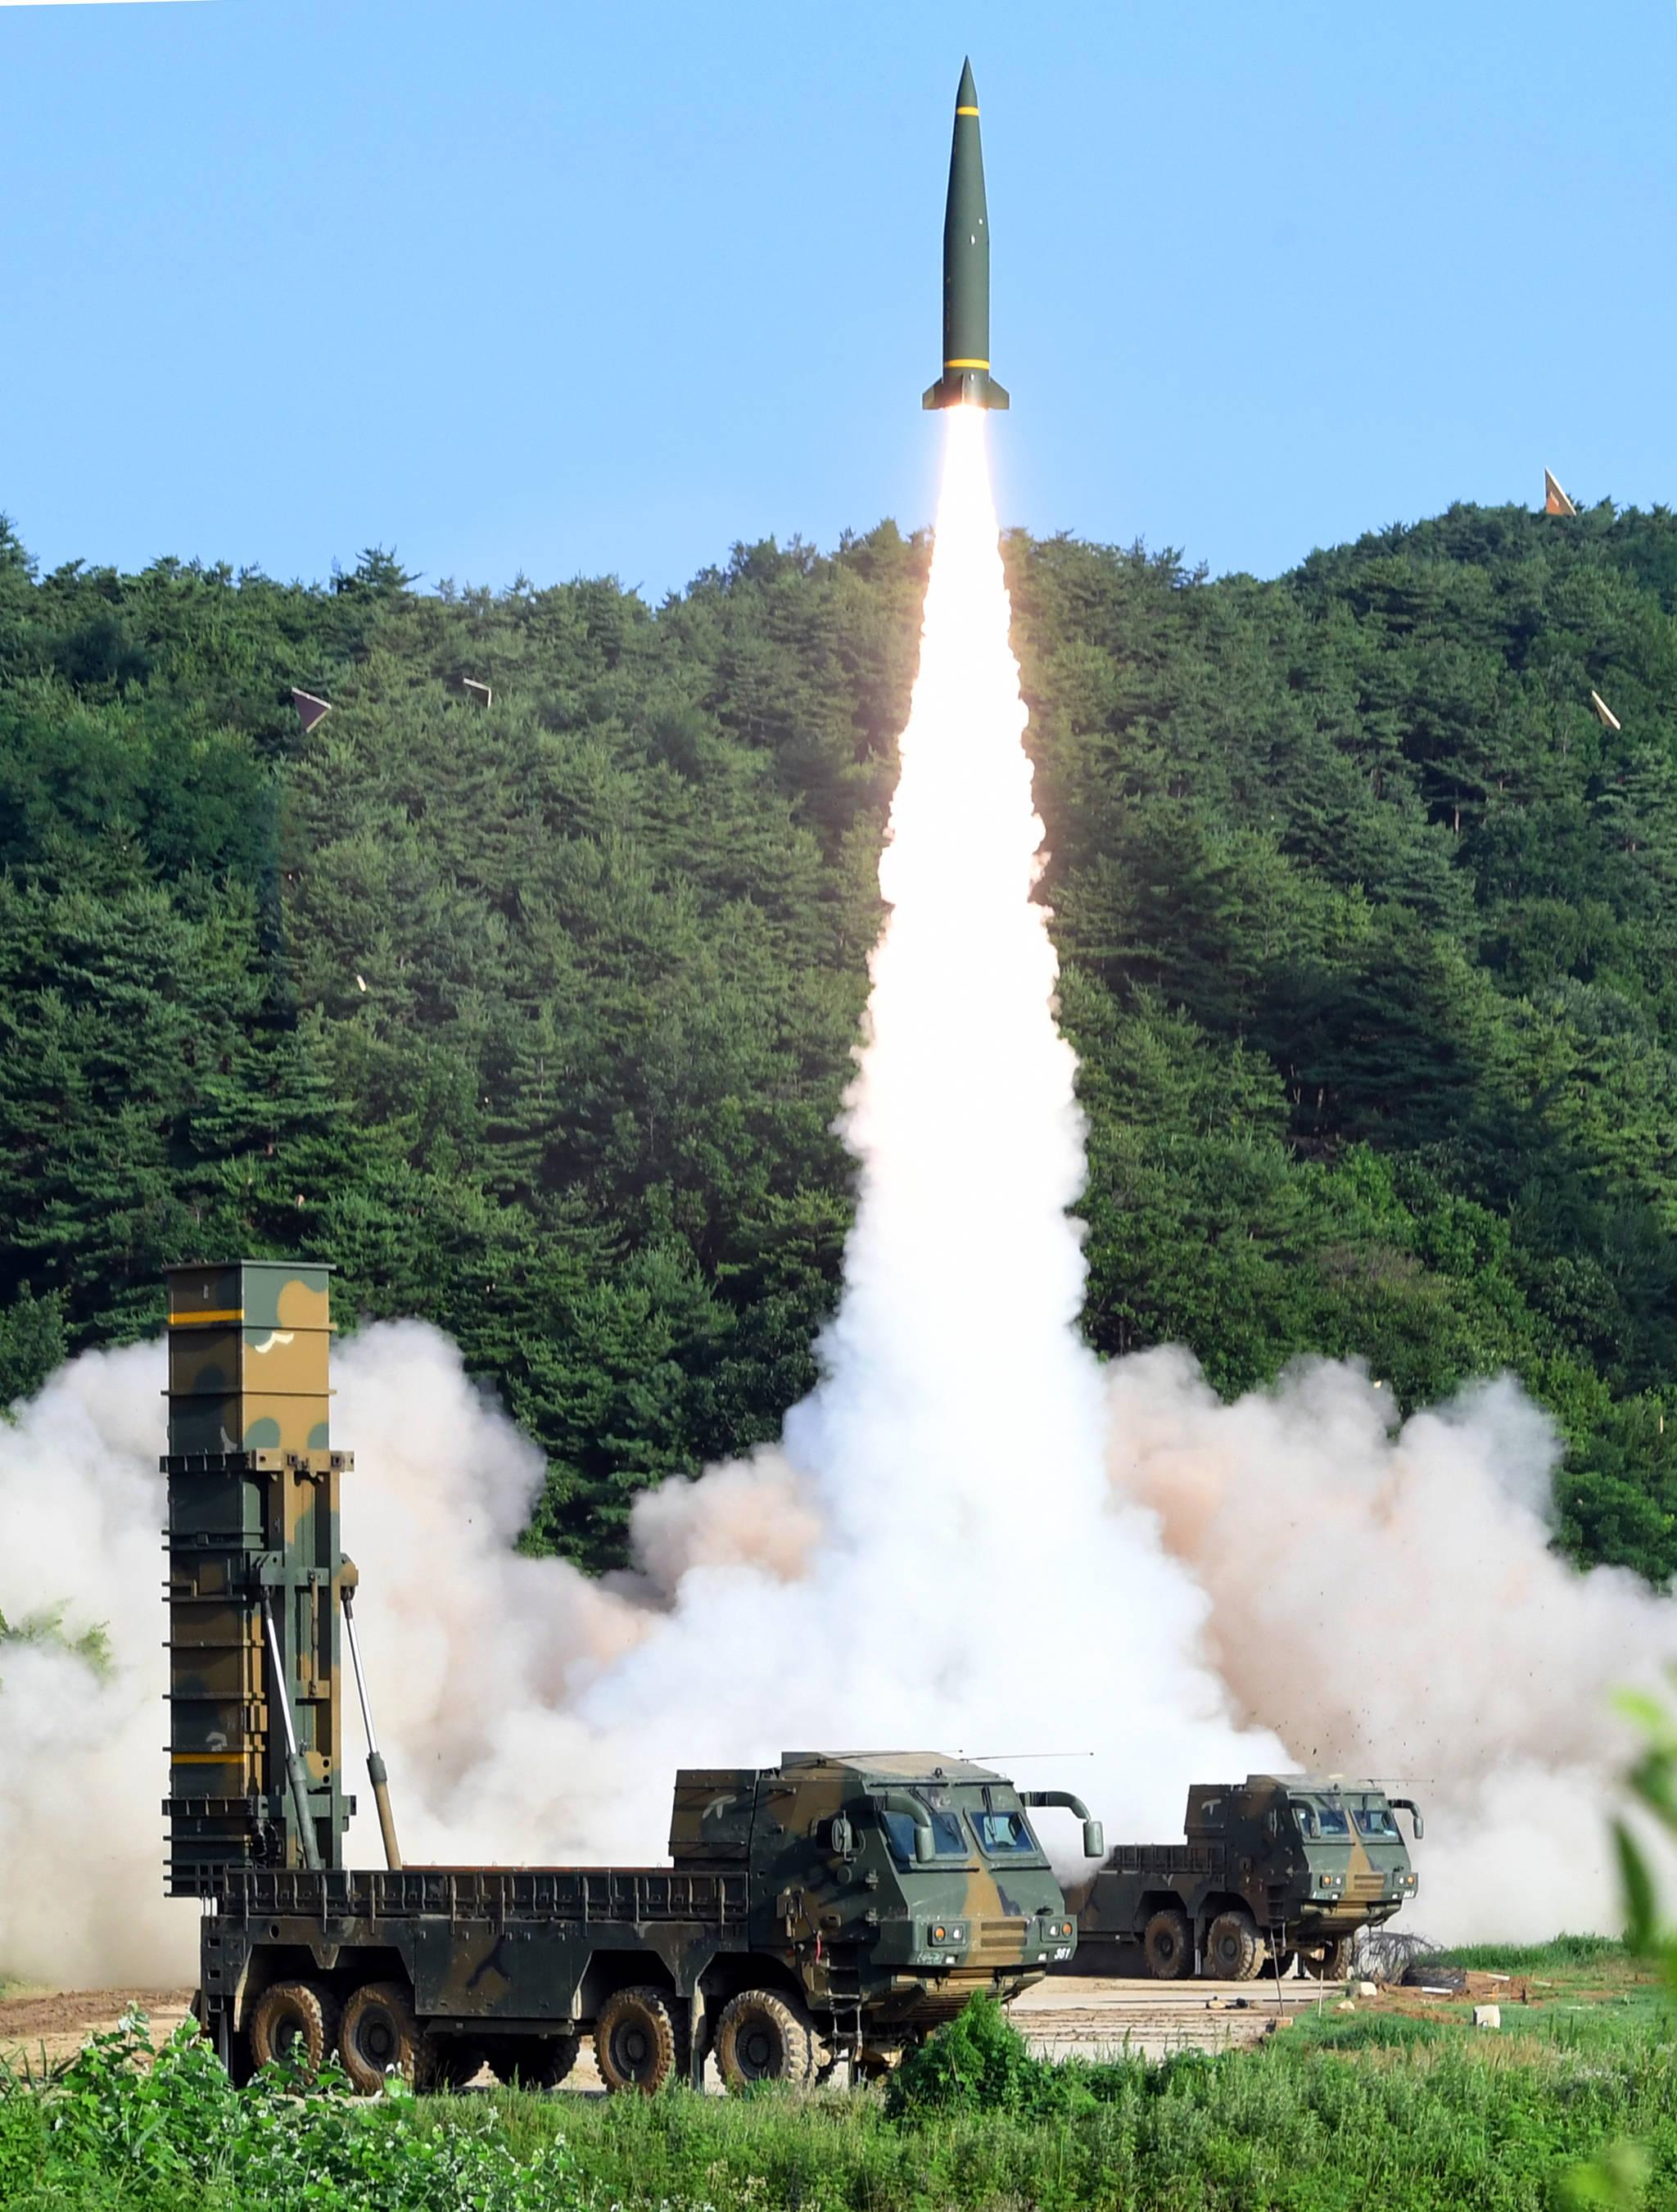 한국군 탄도미사일 현무-2A가5일 오전 동해안에서 열린 한미 연합 탄도미사일 타격훈련에서 발사되고 있다. [사진 합동참모본부]